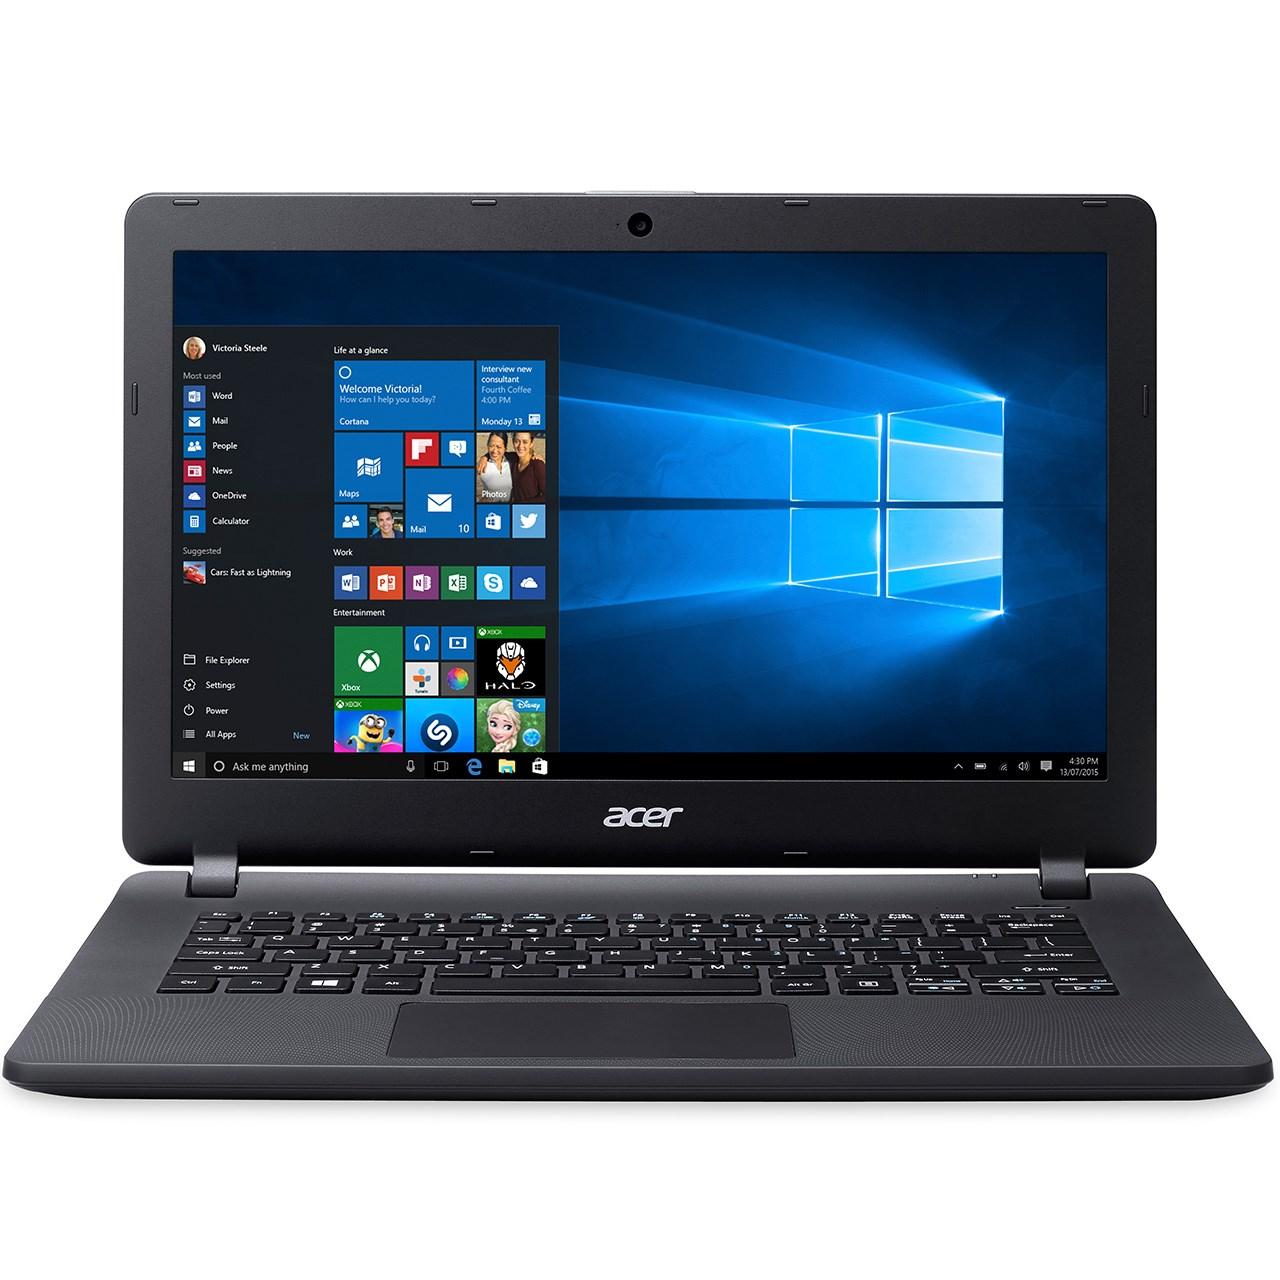 لپ تاپ 13 اینچی ایسر مدل Aspire ES1-331-P8TE